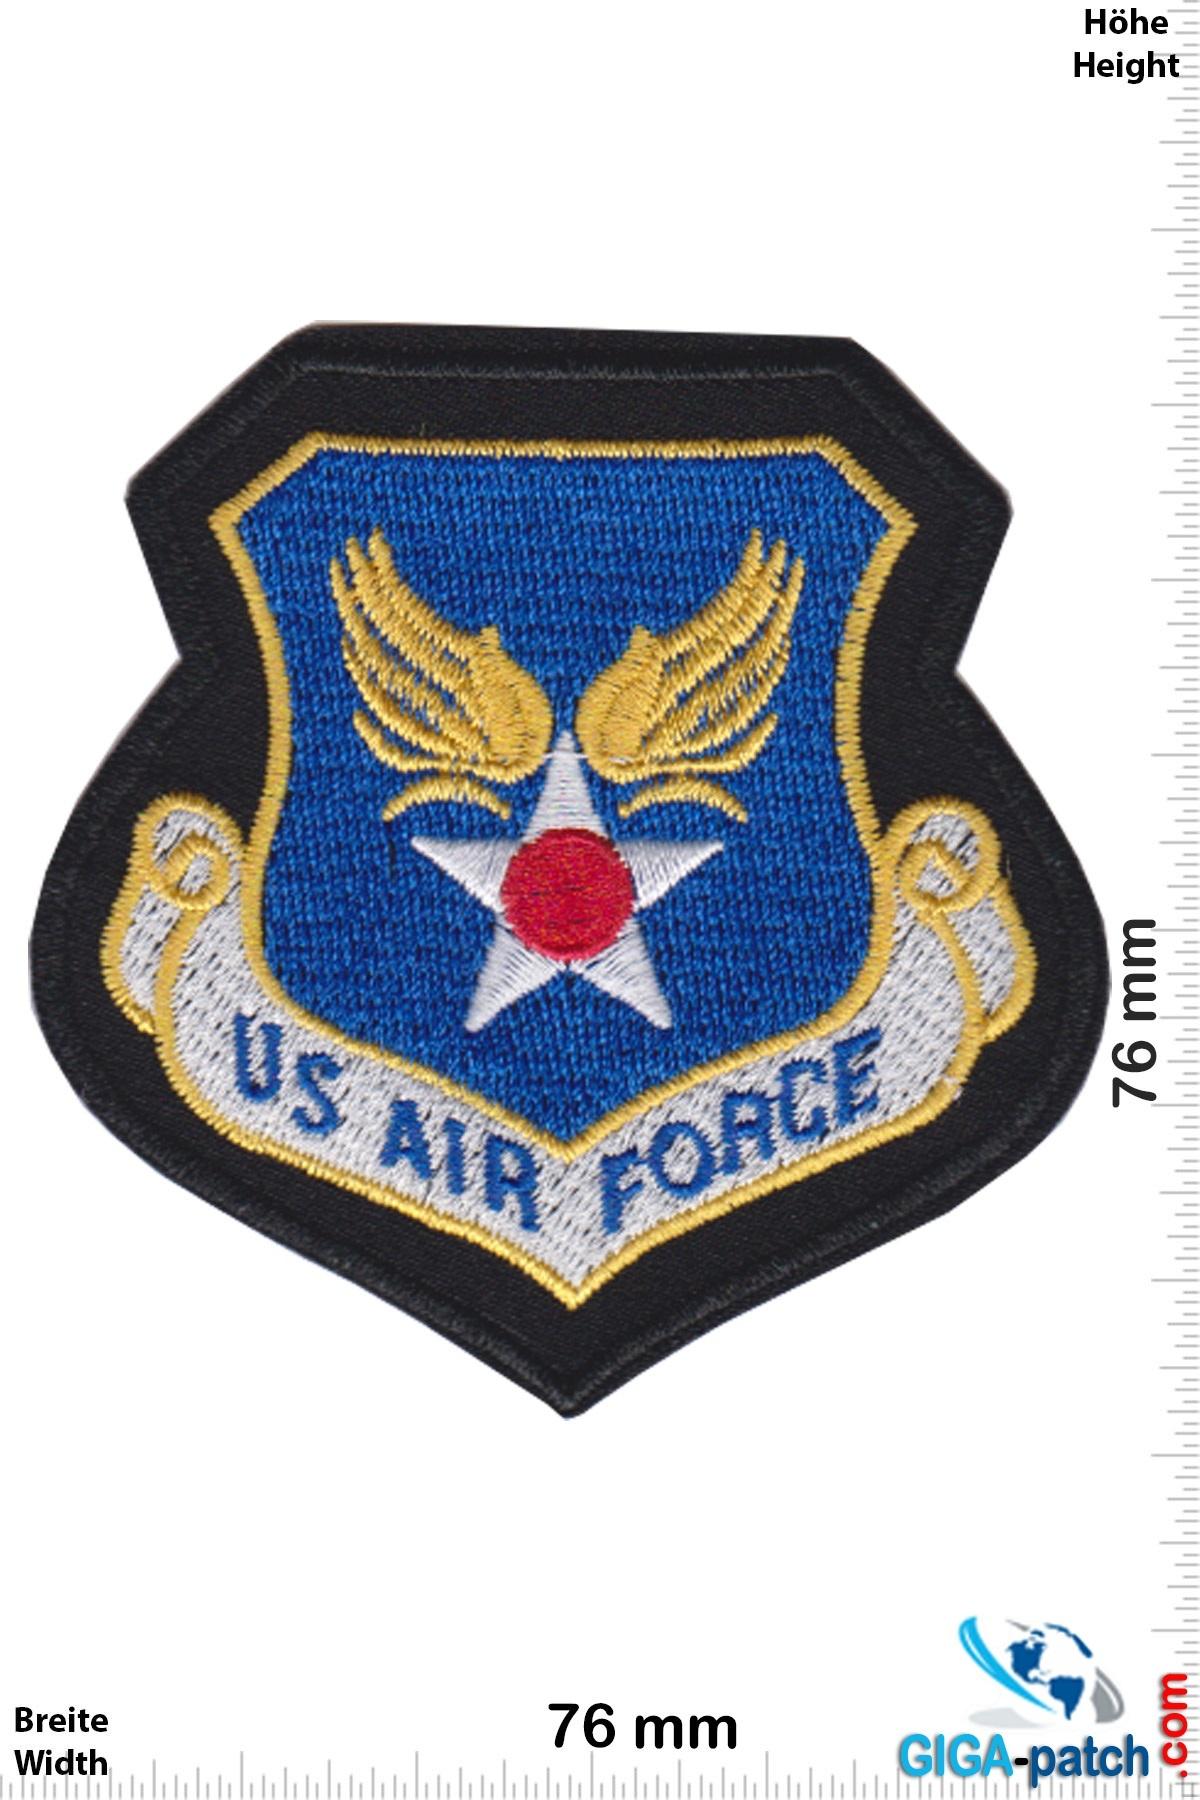 U.S. Air Force U.S. Air Force - Coat of Arms